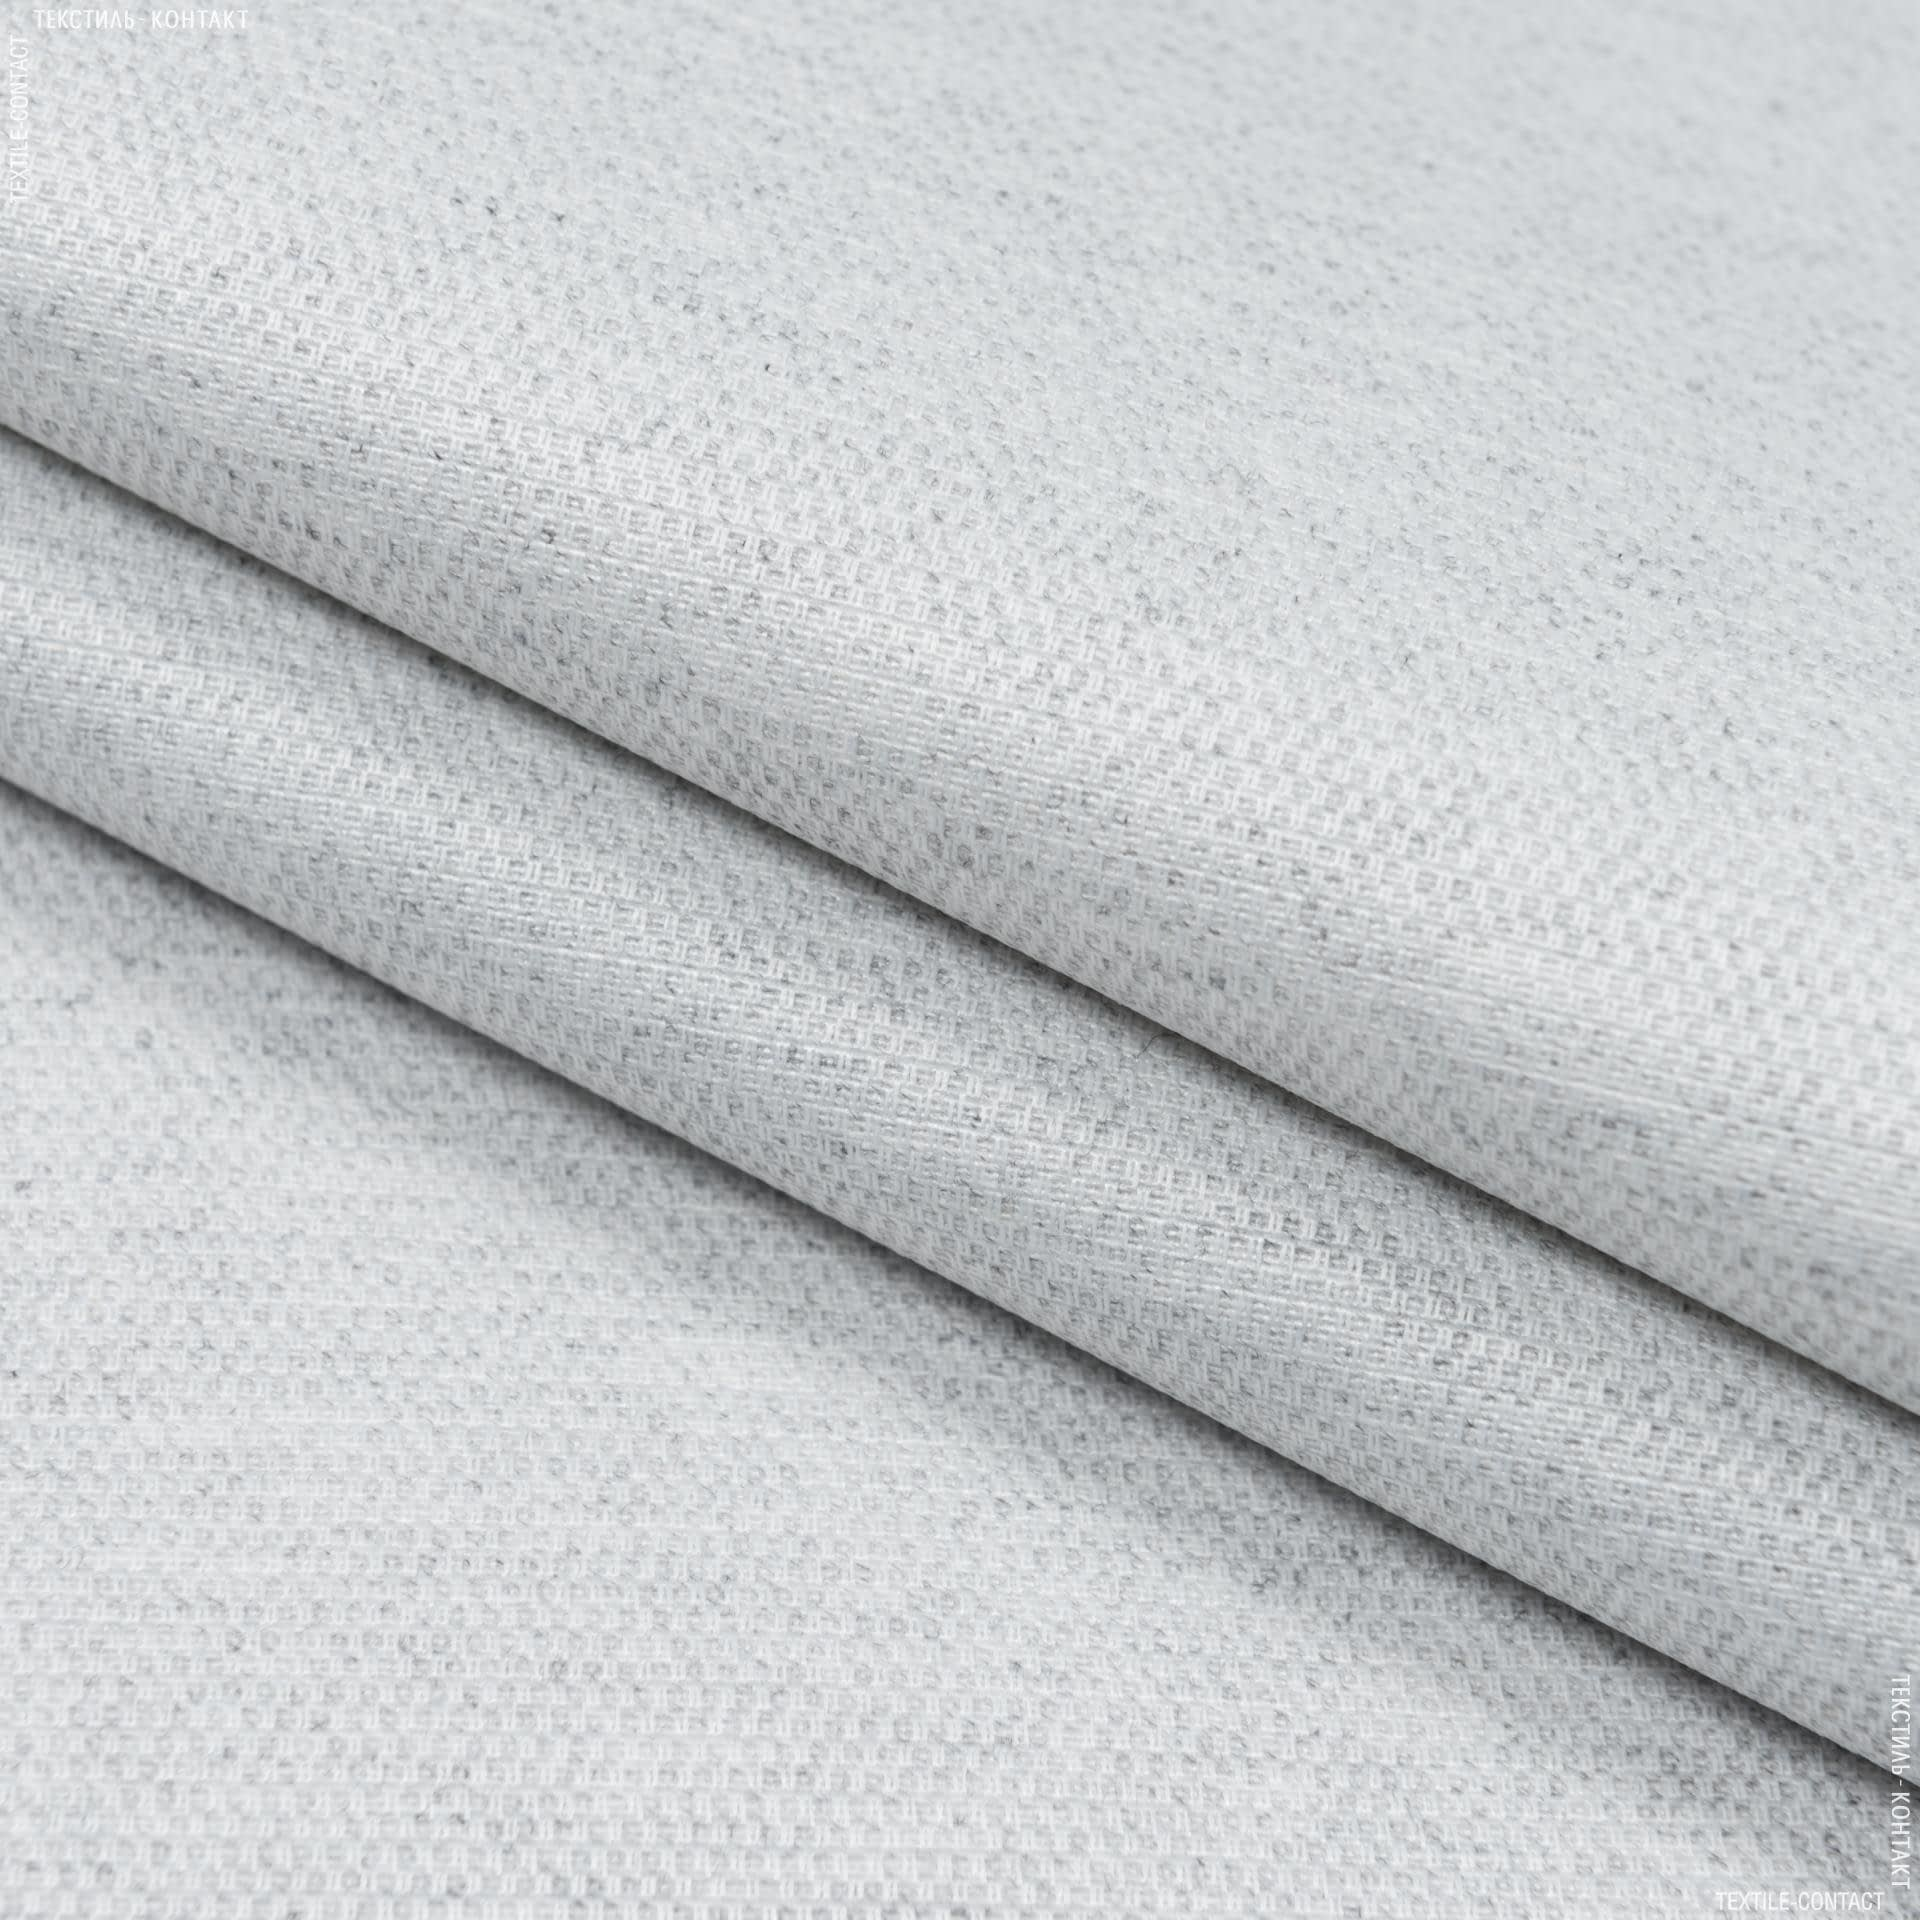 Тканини для штор - Тканина з акриловим просоченням морісот/ morissot рогожка св.сірий